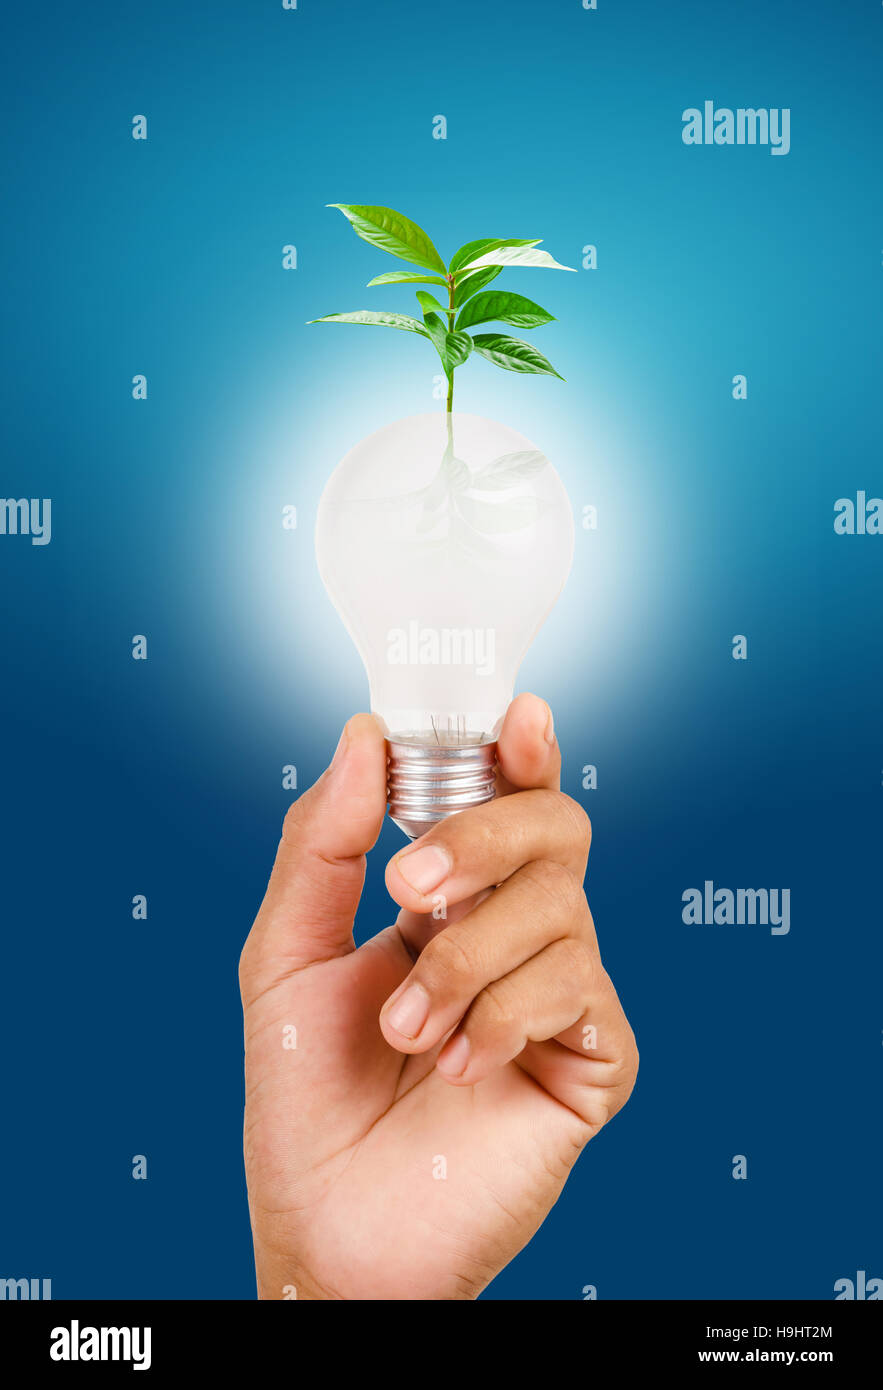 Concepto de ahorro energético y medioambiental. Imagen De Stock